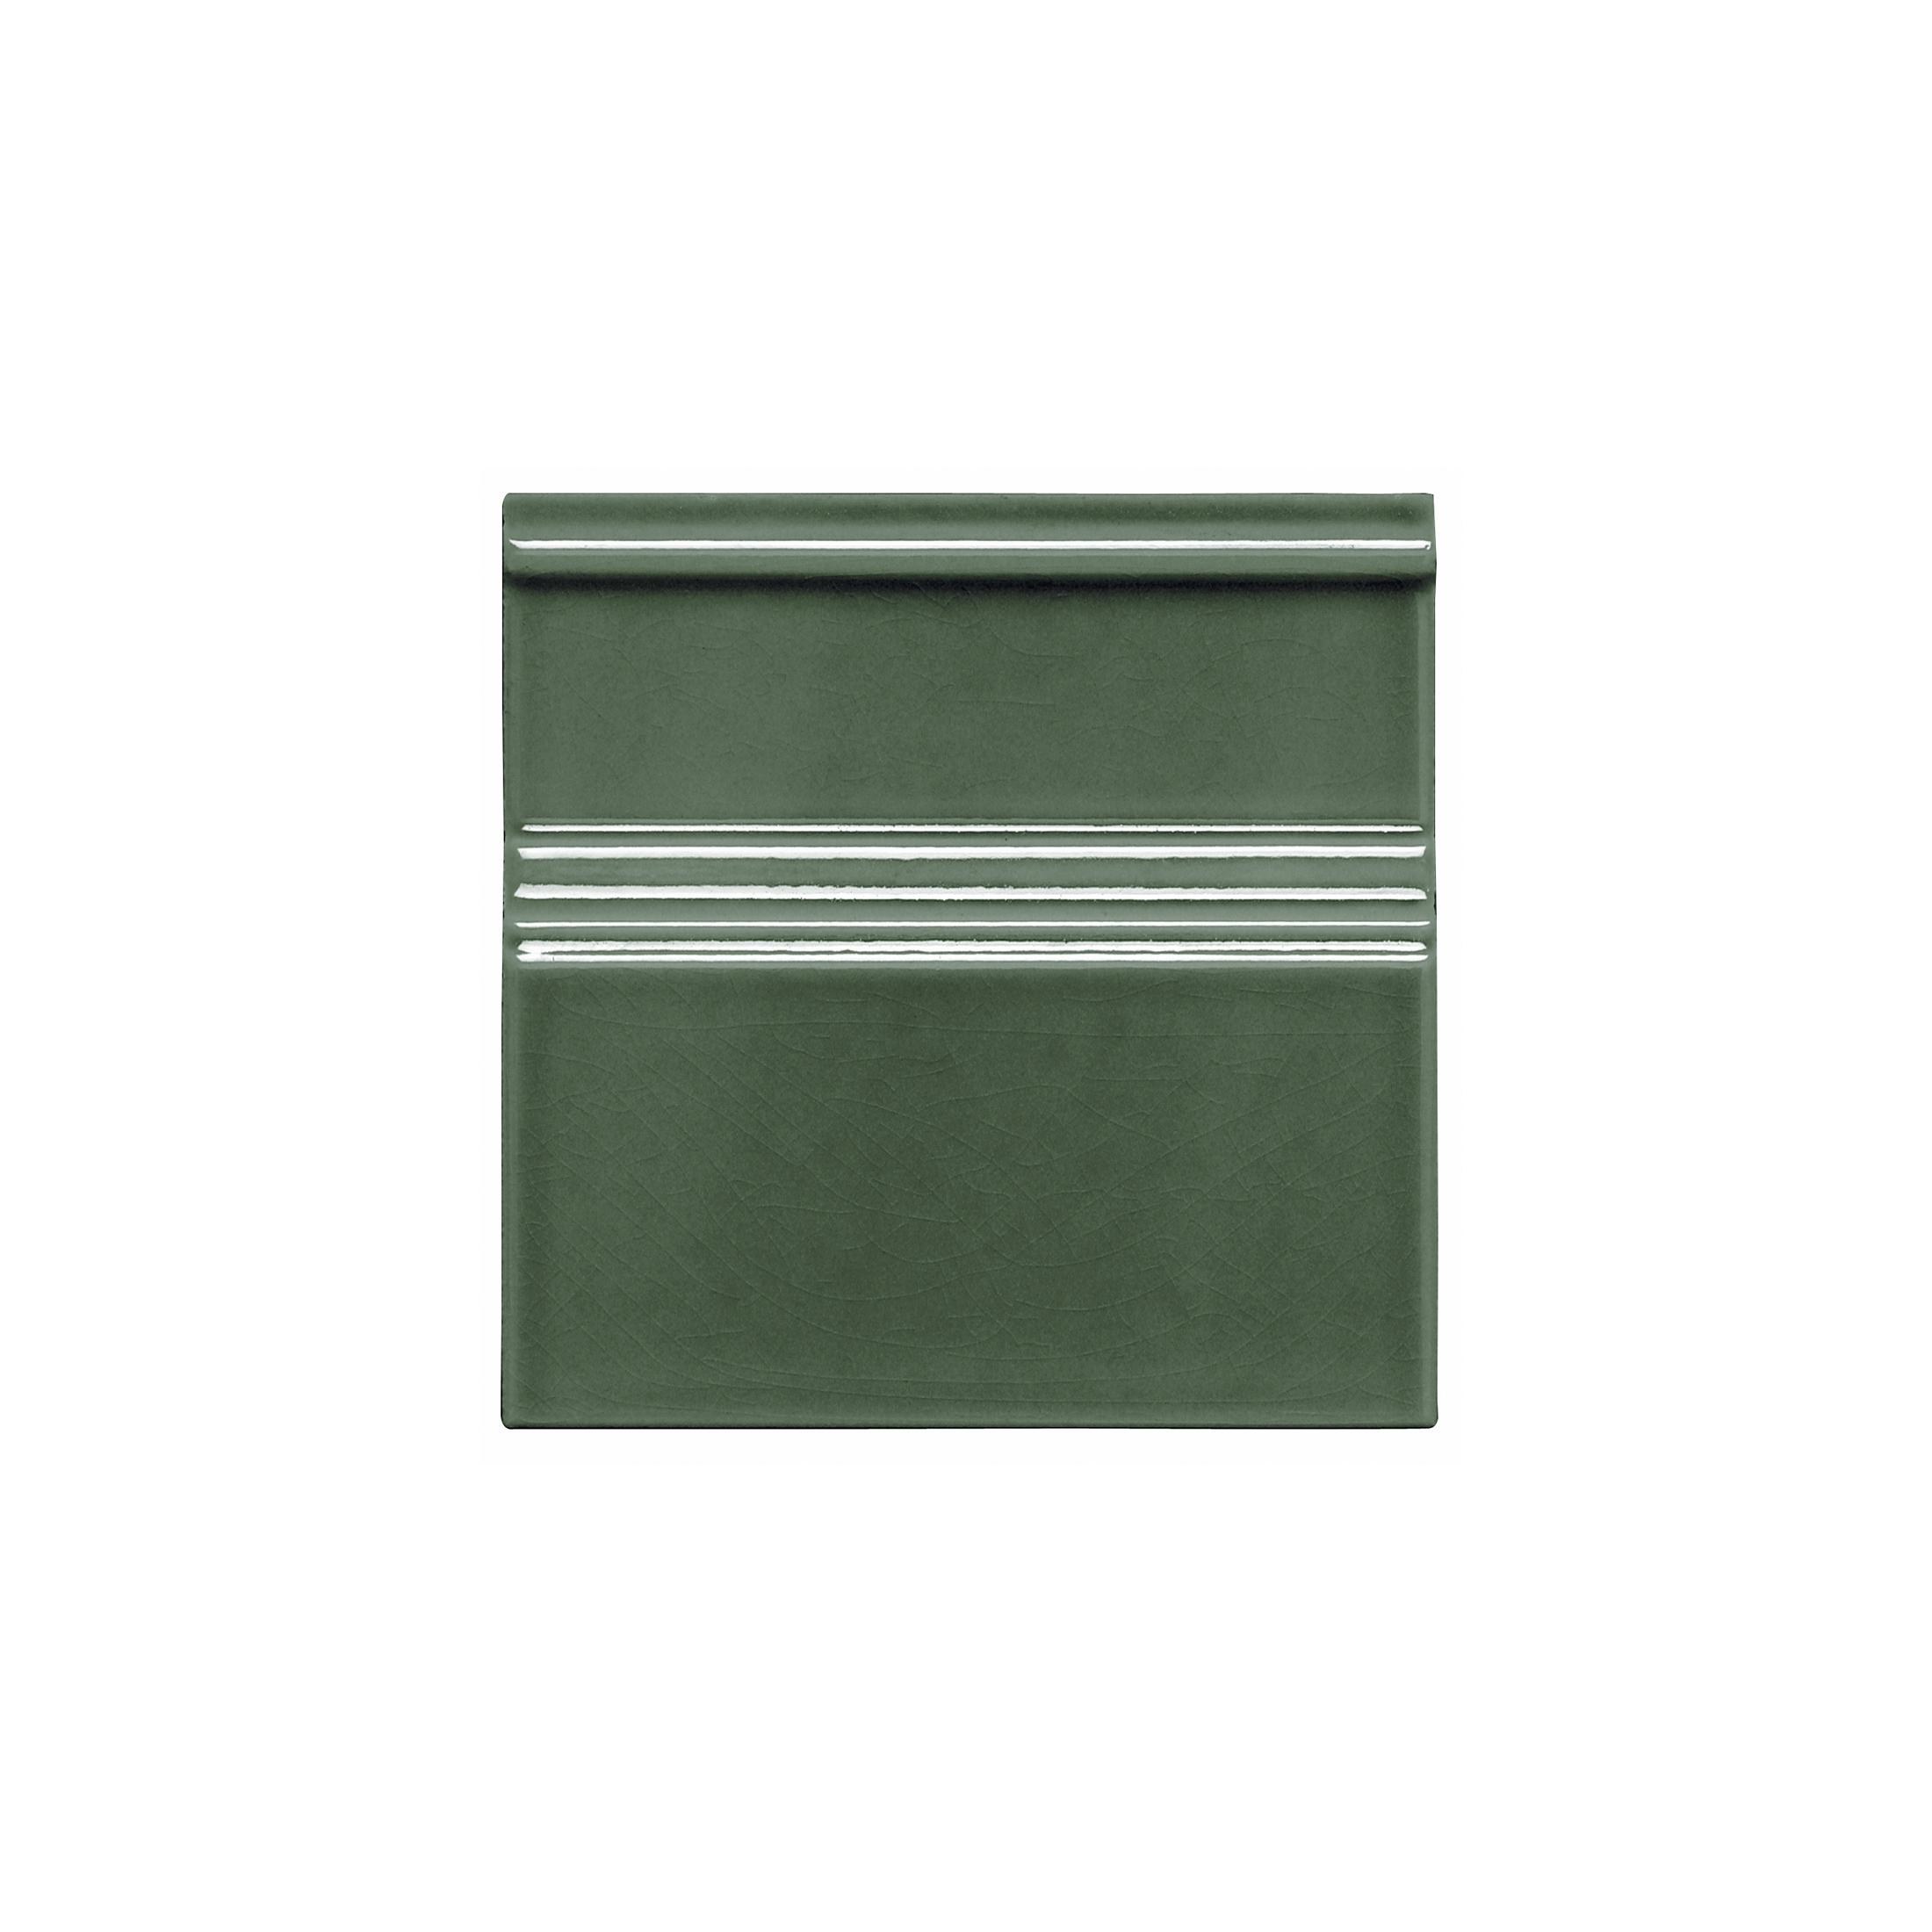 ADMO5205 - RODAPIE CLASICO C/C - 15 cm X 15 cm